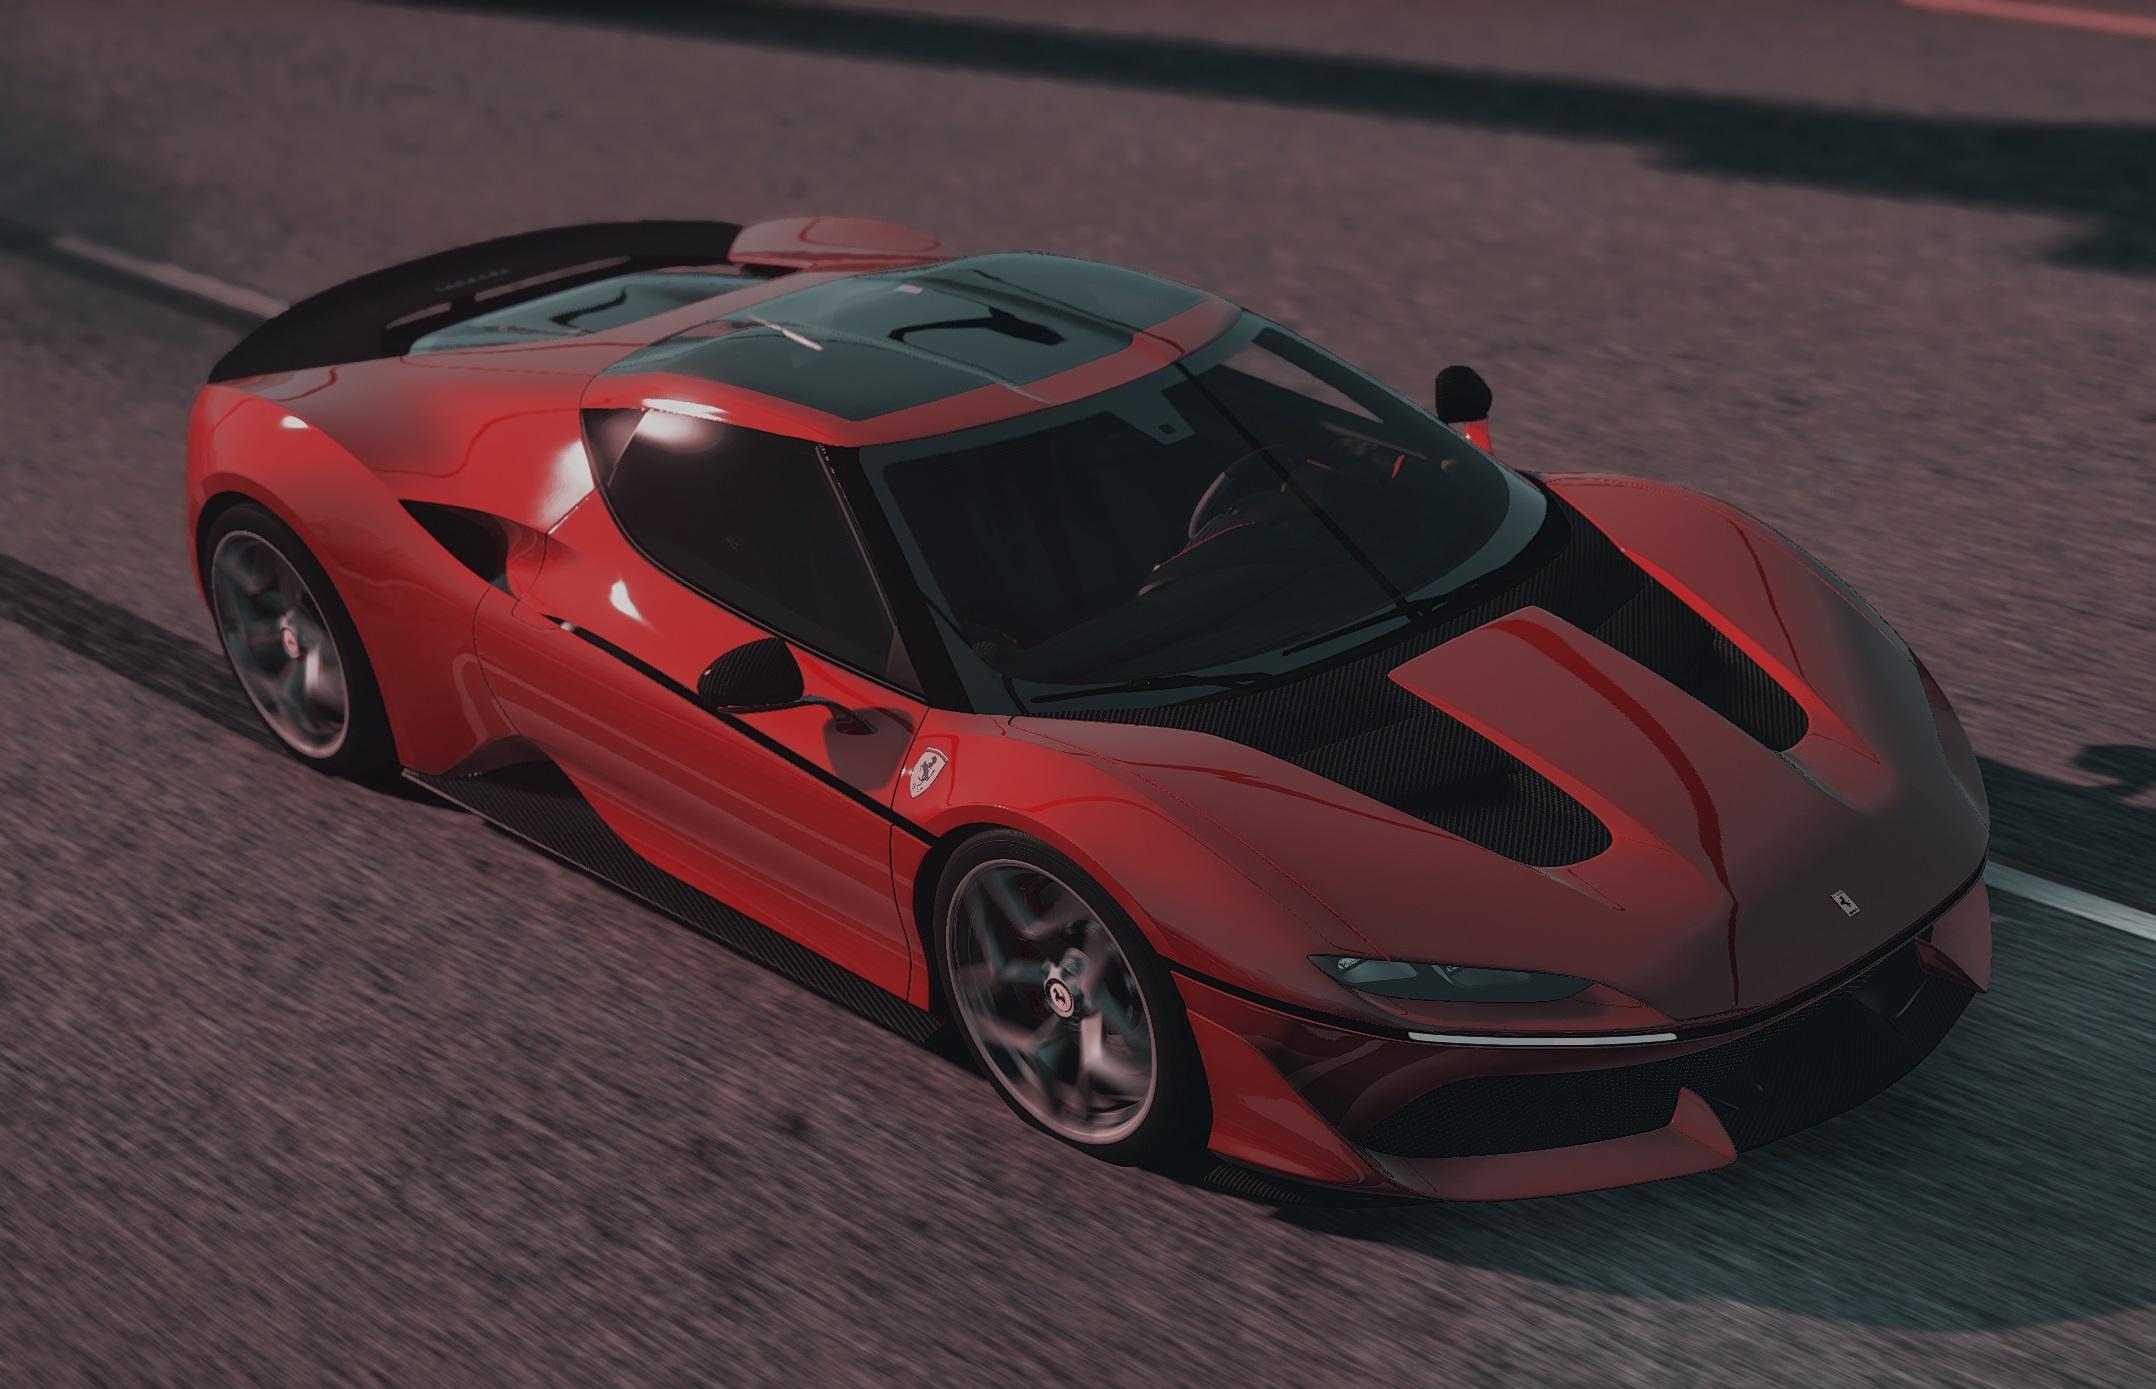 2017 Ferrari J50 Limited Add On Hq Gta5 Mods Com